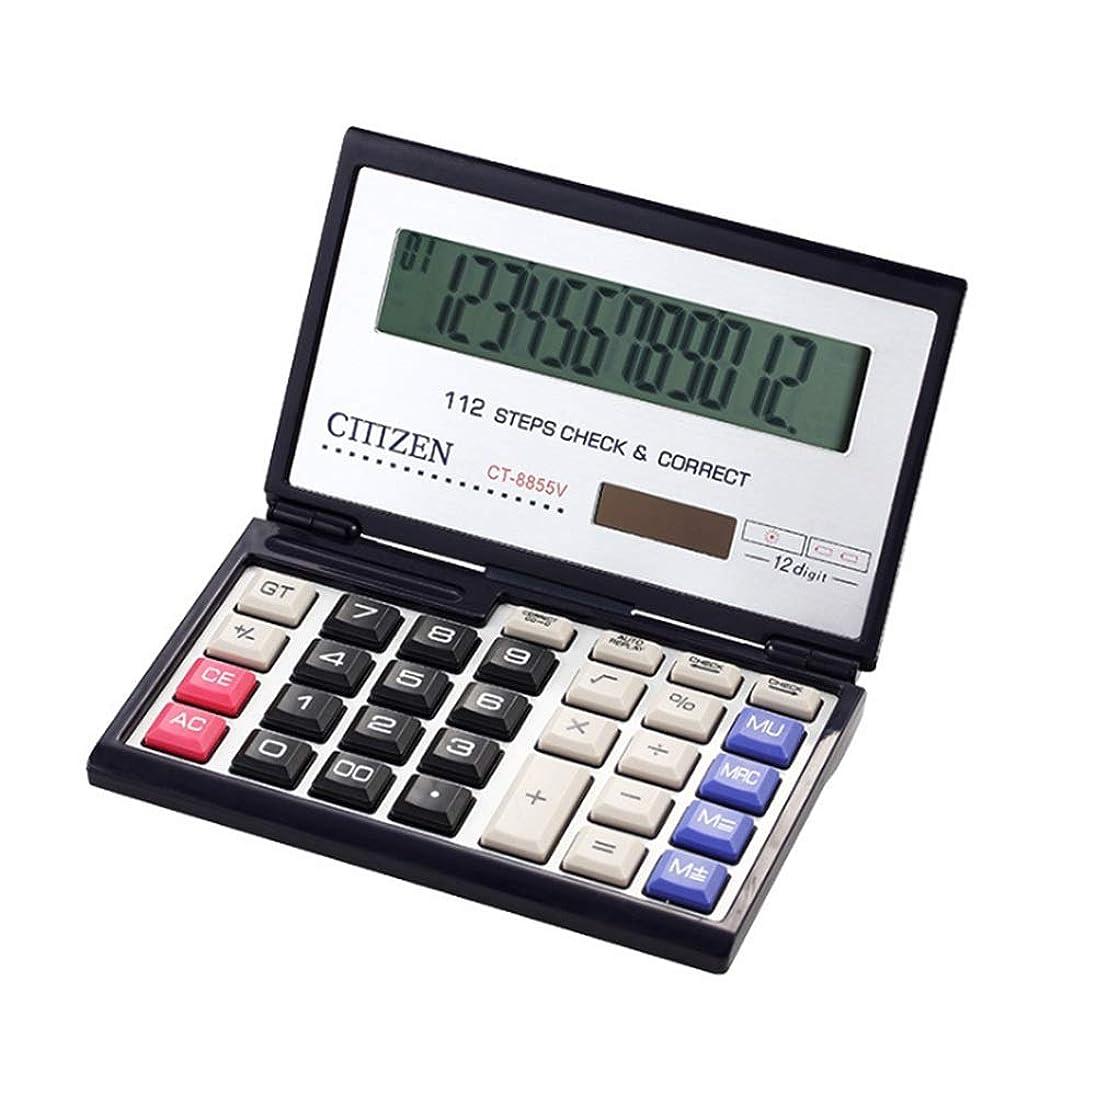 デスク電卓 折りたたみフリップアップ電子デスクトップ電卓12桁の大型ディスプレイソーラーバッテリー液晶ディスプレイオフィスボックスの電卓黒の色のビジネスギフト 学校ホームオフィス用